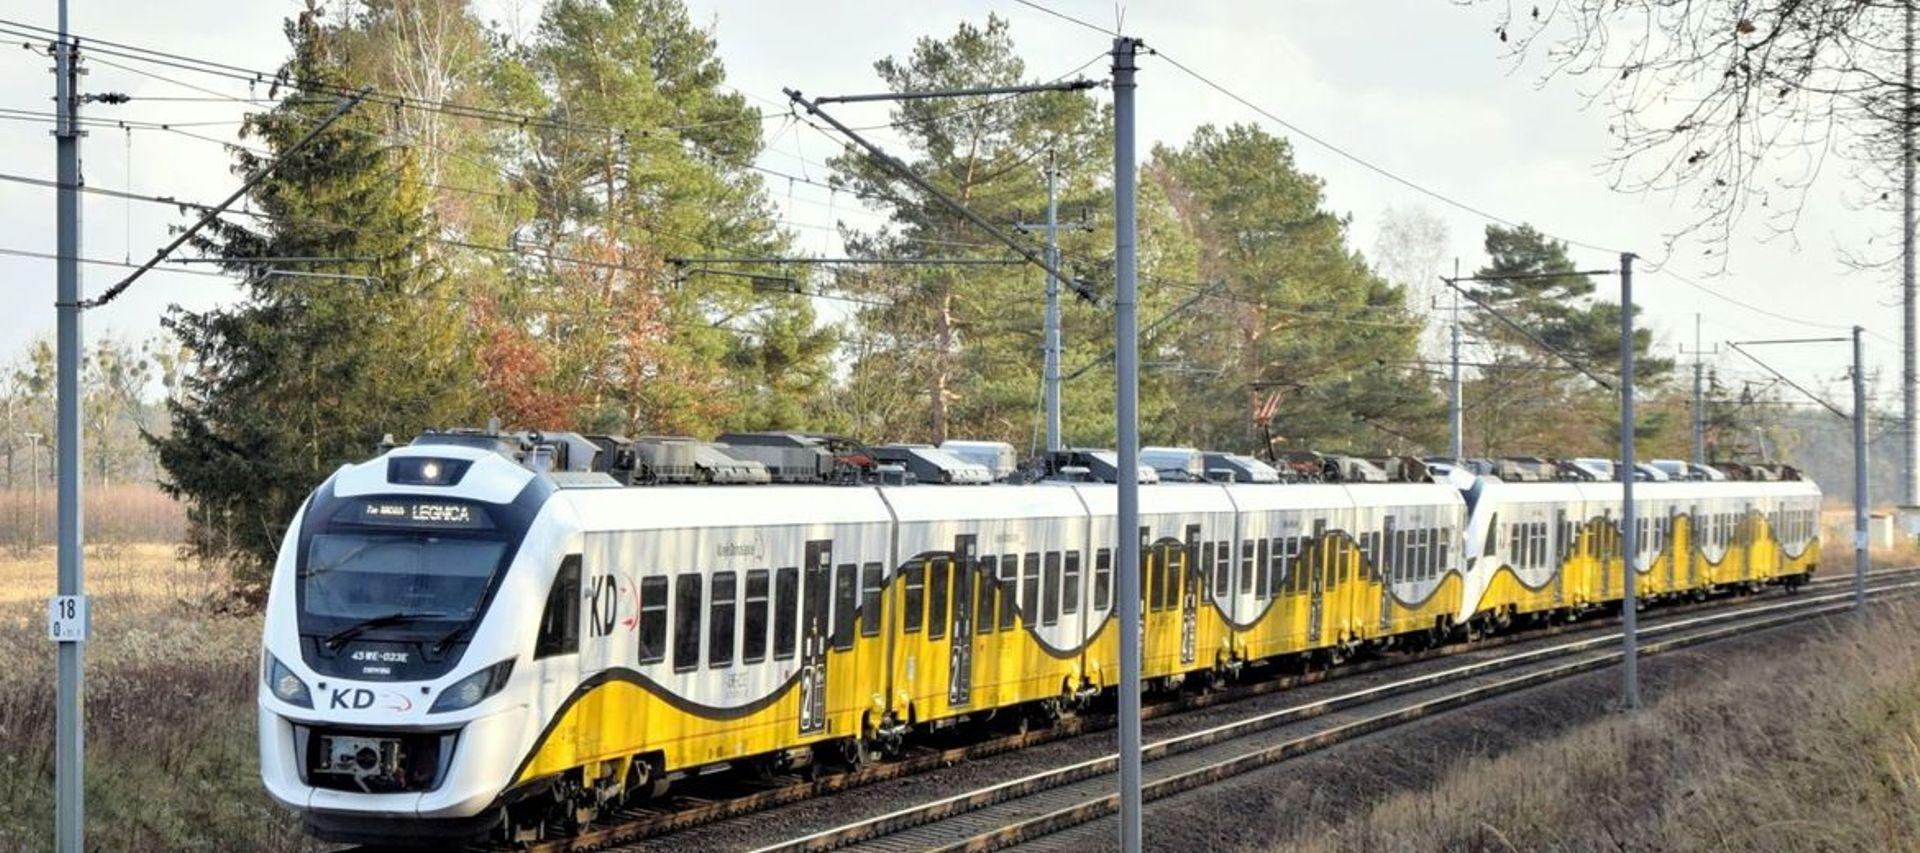 Głogów, Polkowice i Lubin ma połączyć nowa linia kolejowa